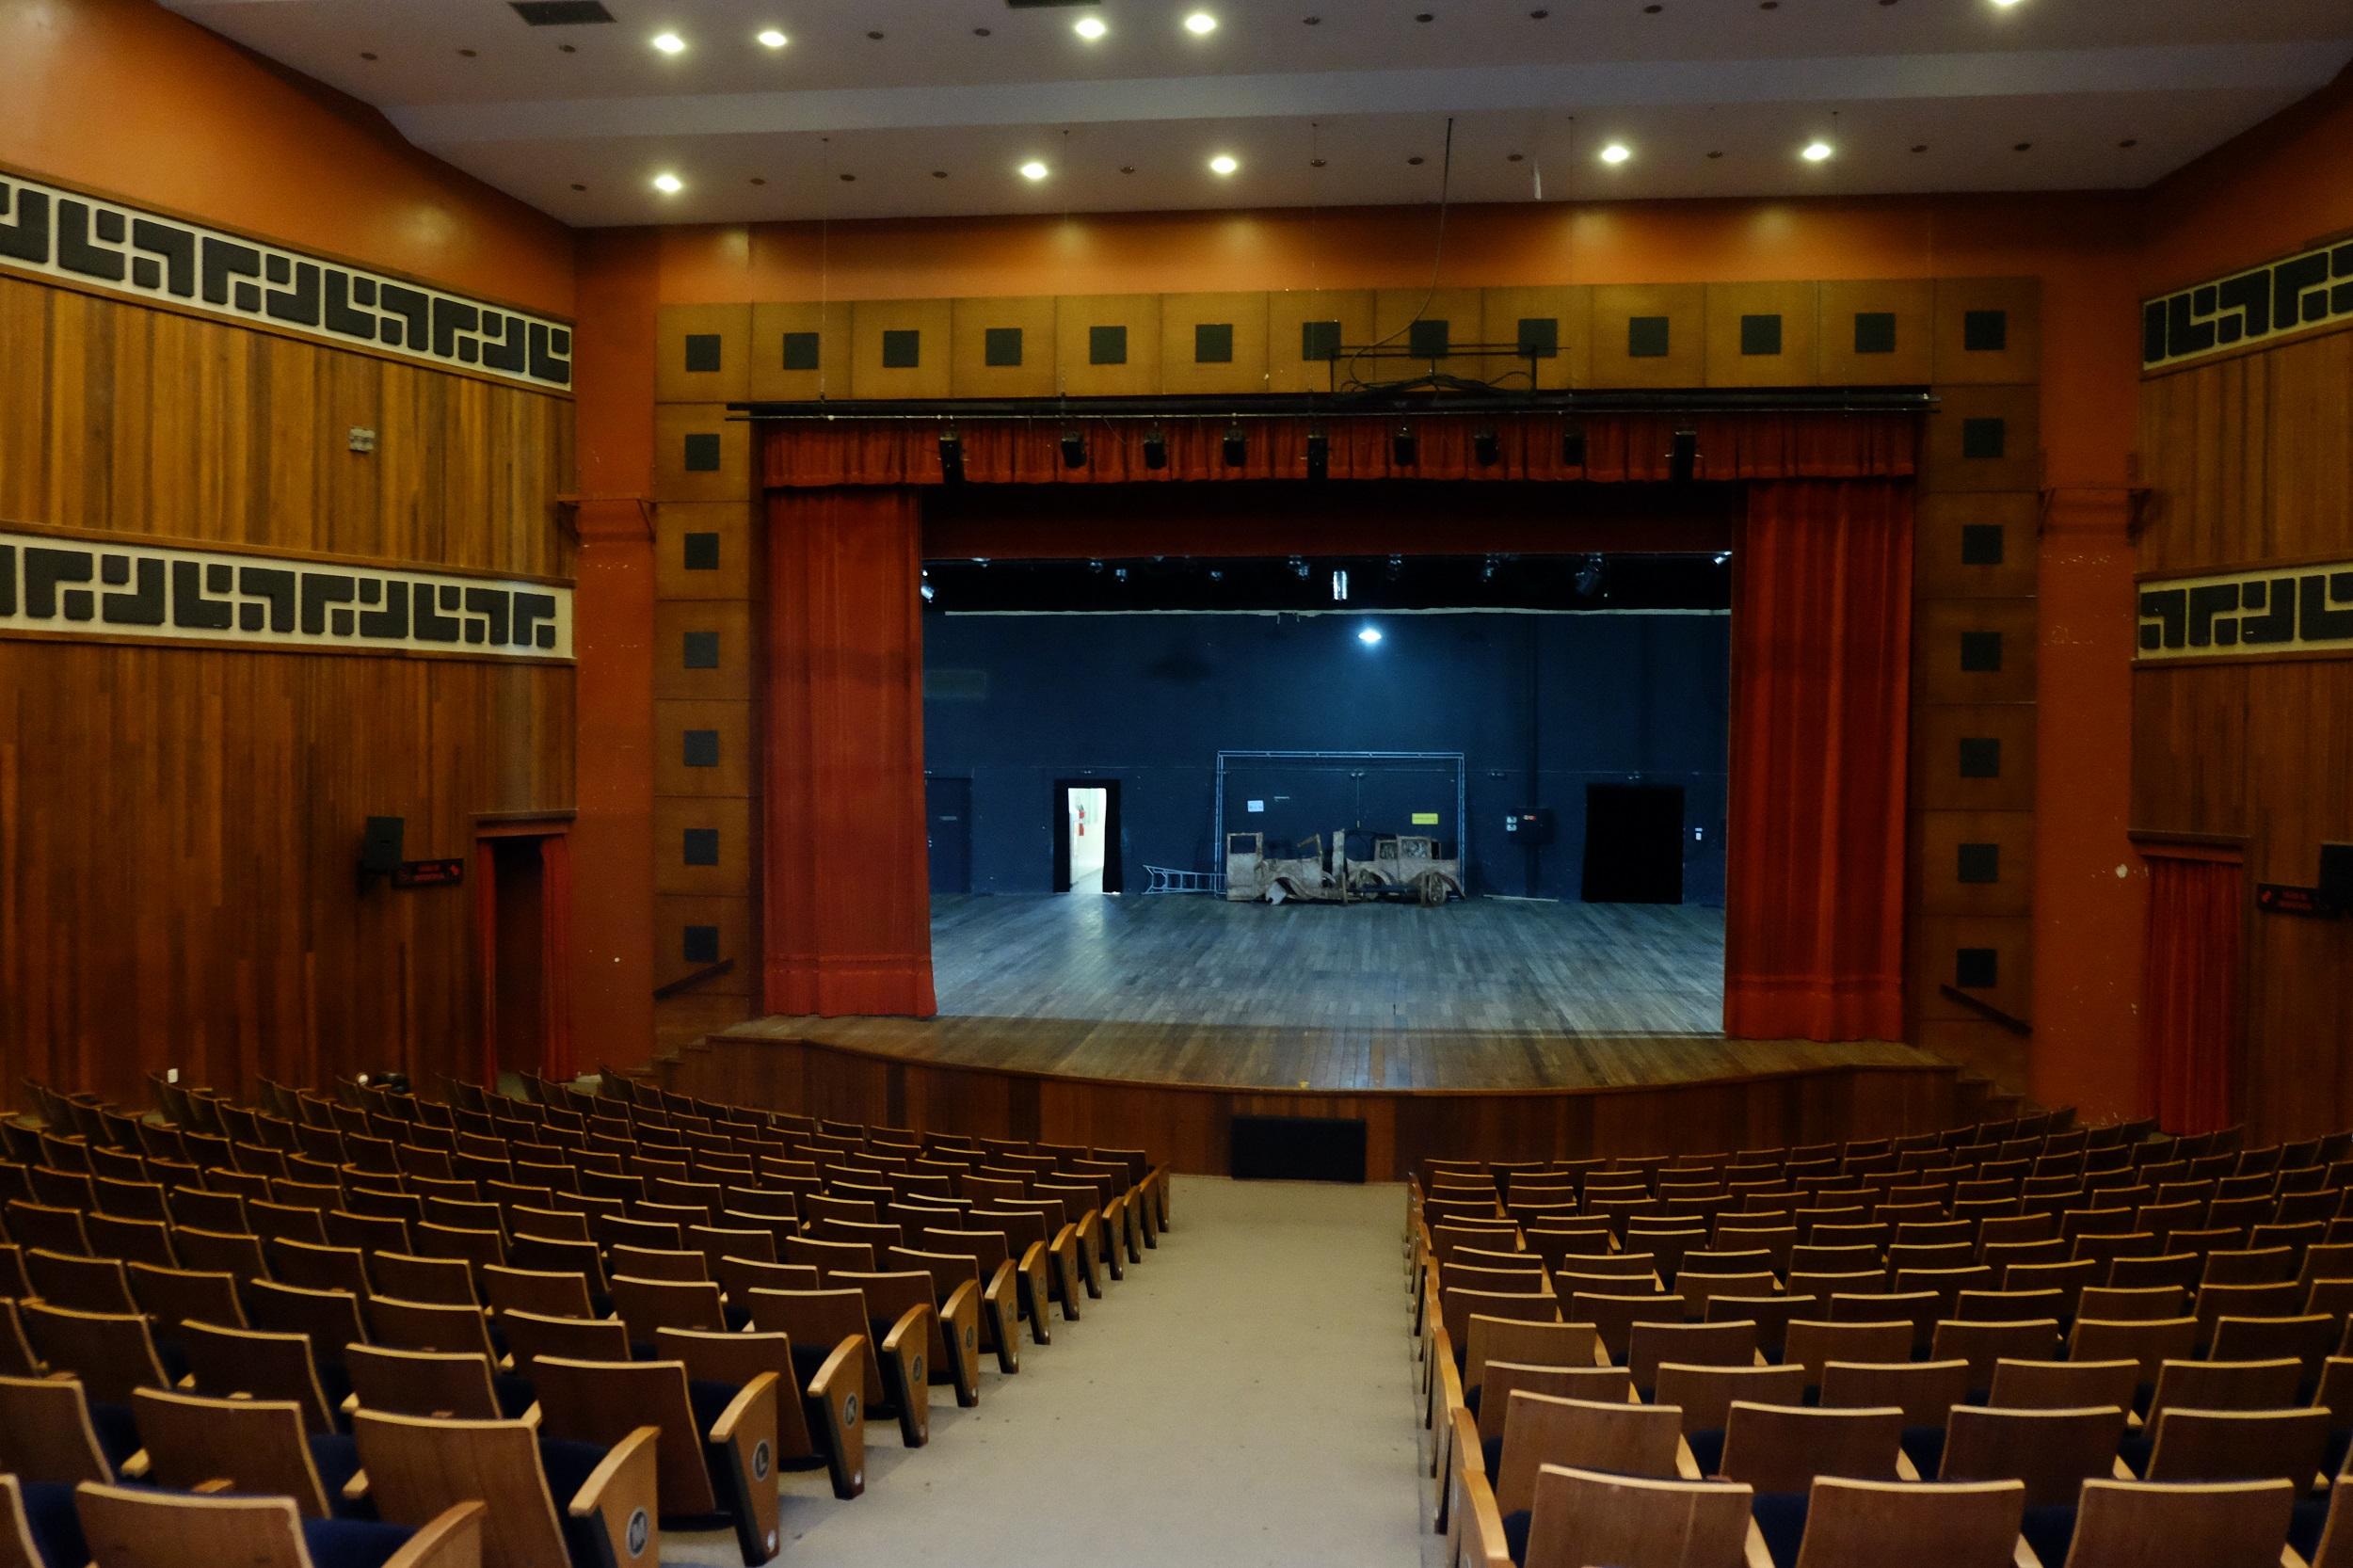 Teatro Municipal volta a receber eventos e espetáculos com público em agosto